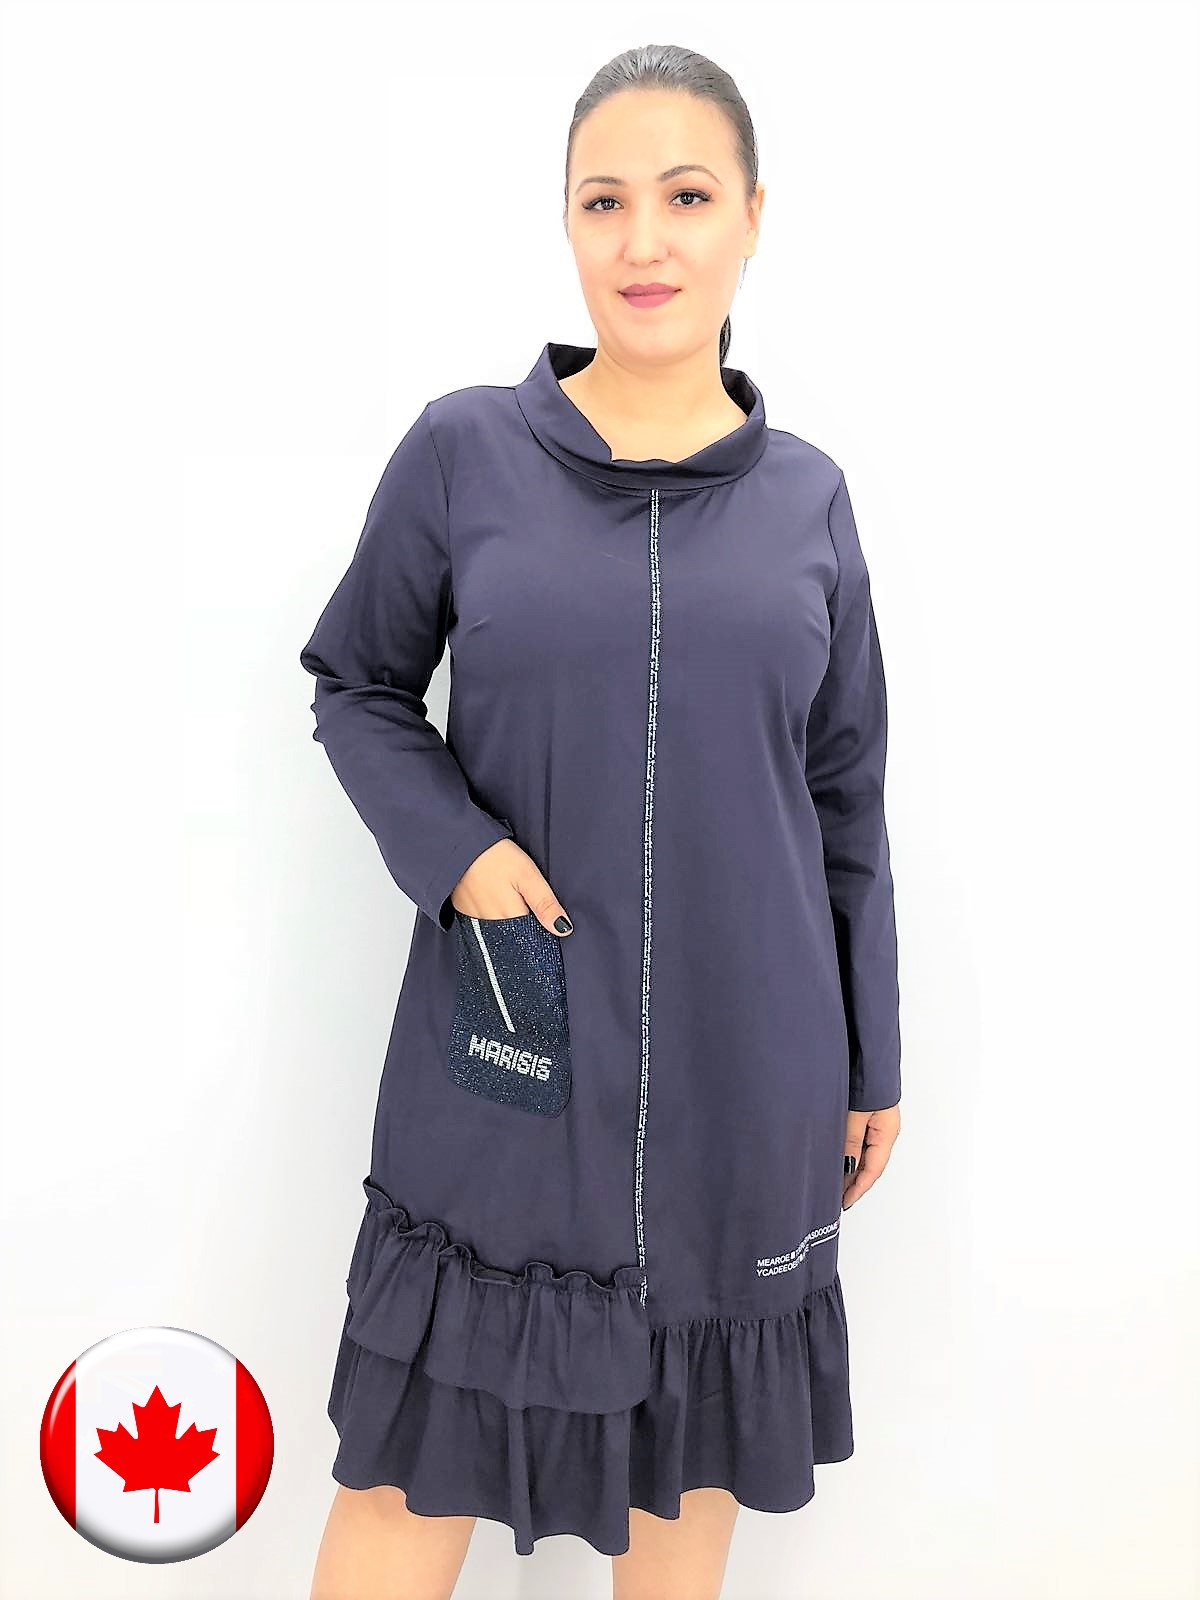 Магазин женской одежды в Сочи КАНАДА - нарядные платья, рубашки и туники из Турции от 50 до 56 размера - женская одежда больших размеров в Сочи и Адлере